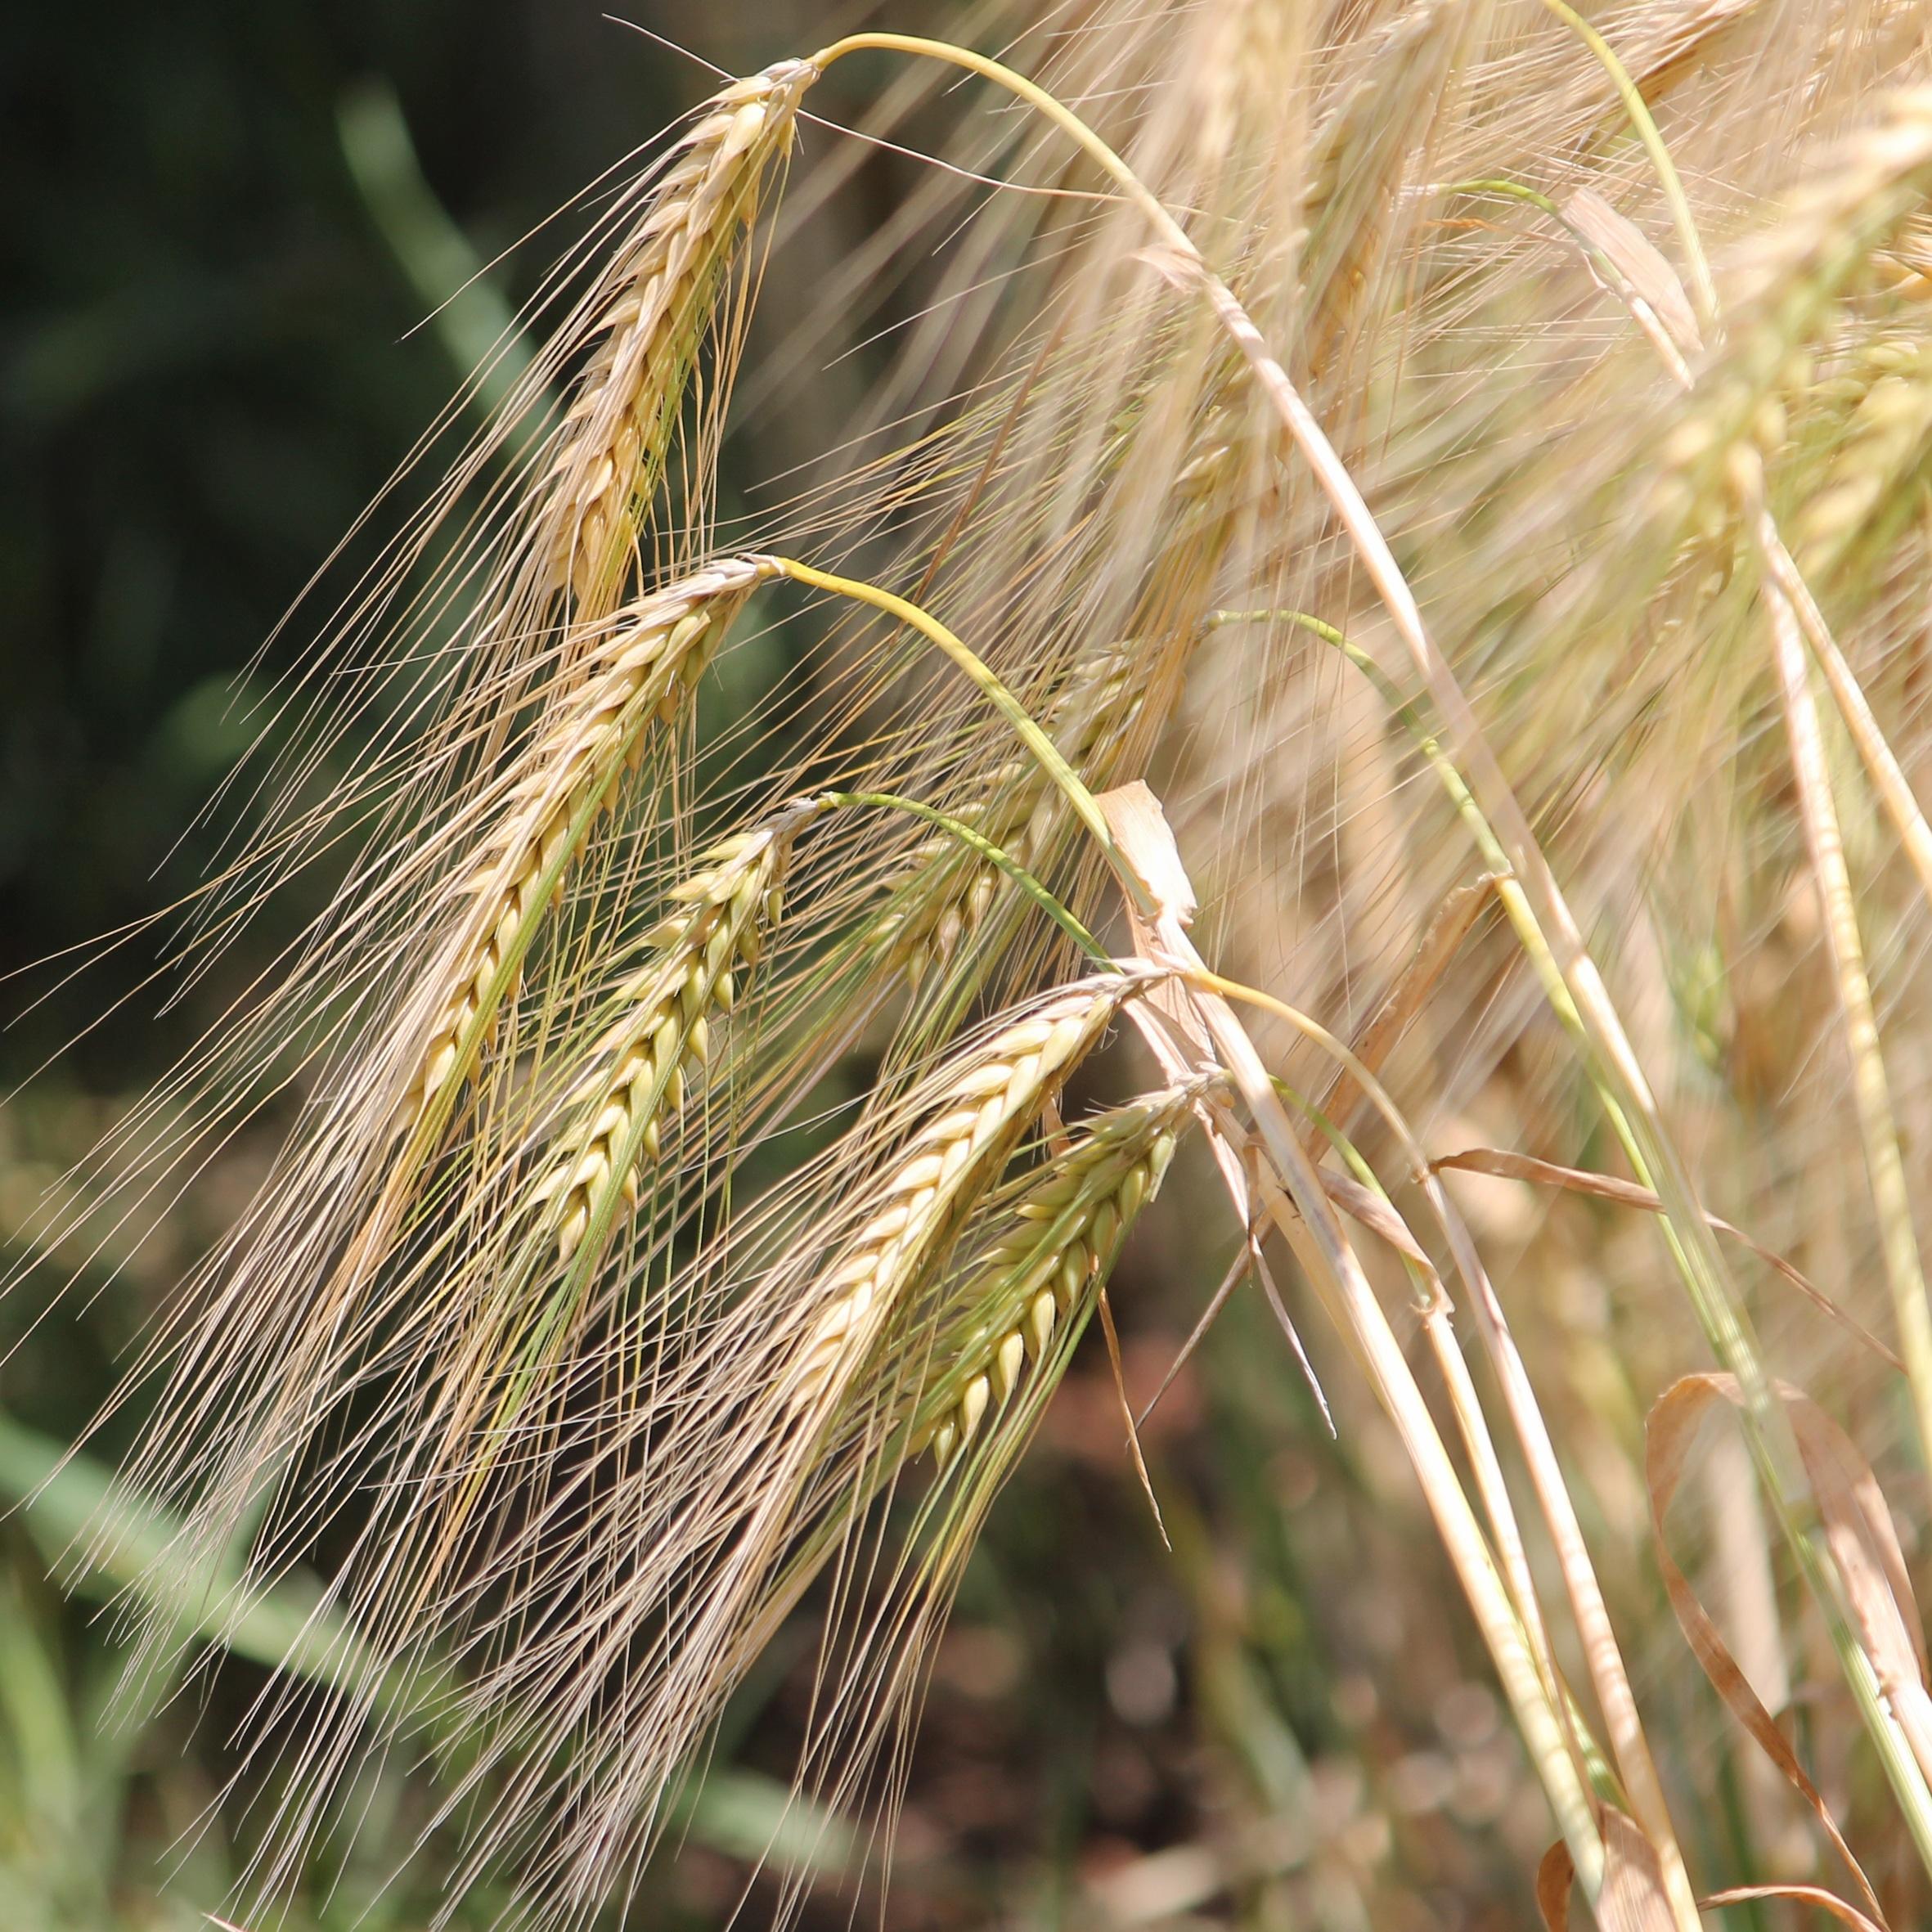 фото ячменя пшеницы ржи